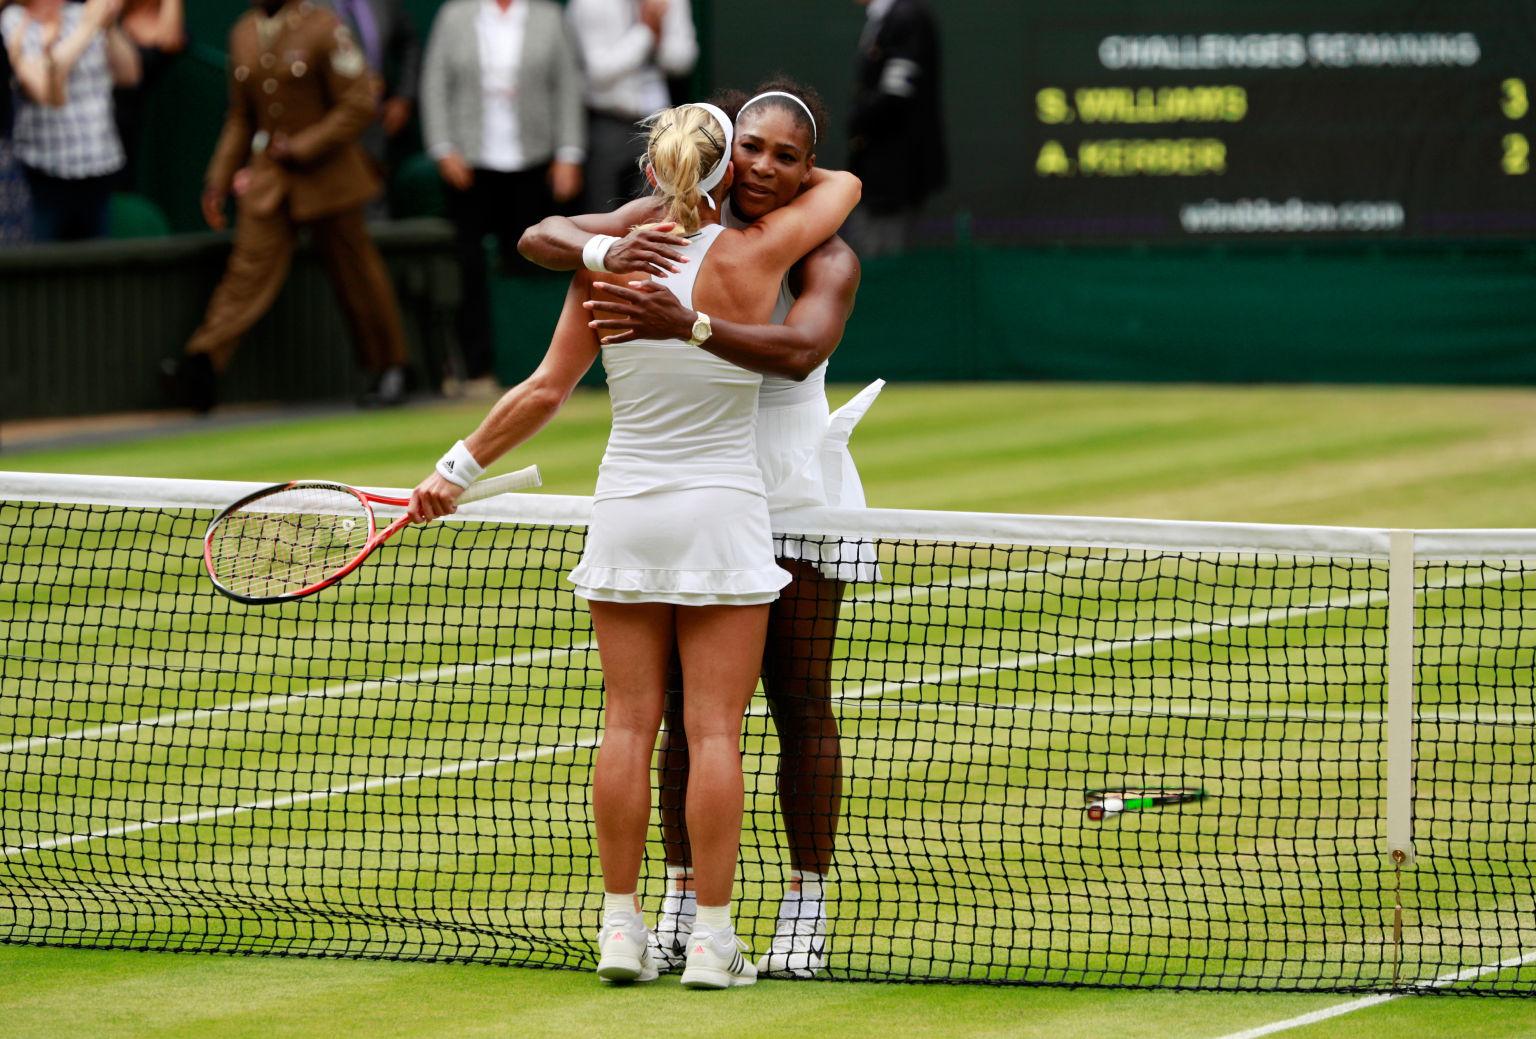 Nach 1:21 Stunden Spielzeit gratuliert Kerber Siegerin Williams zum Titelgewinn